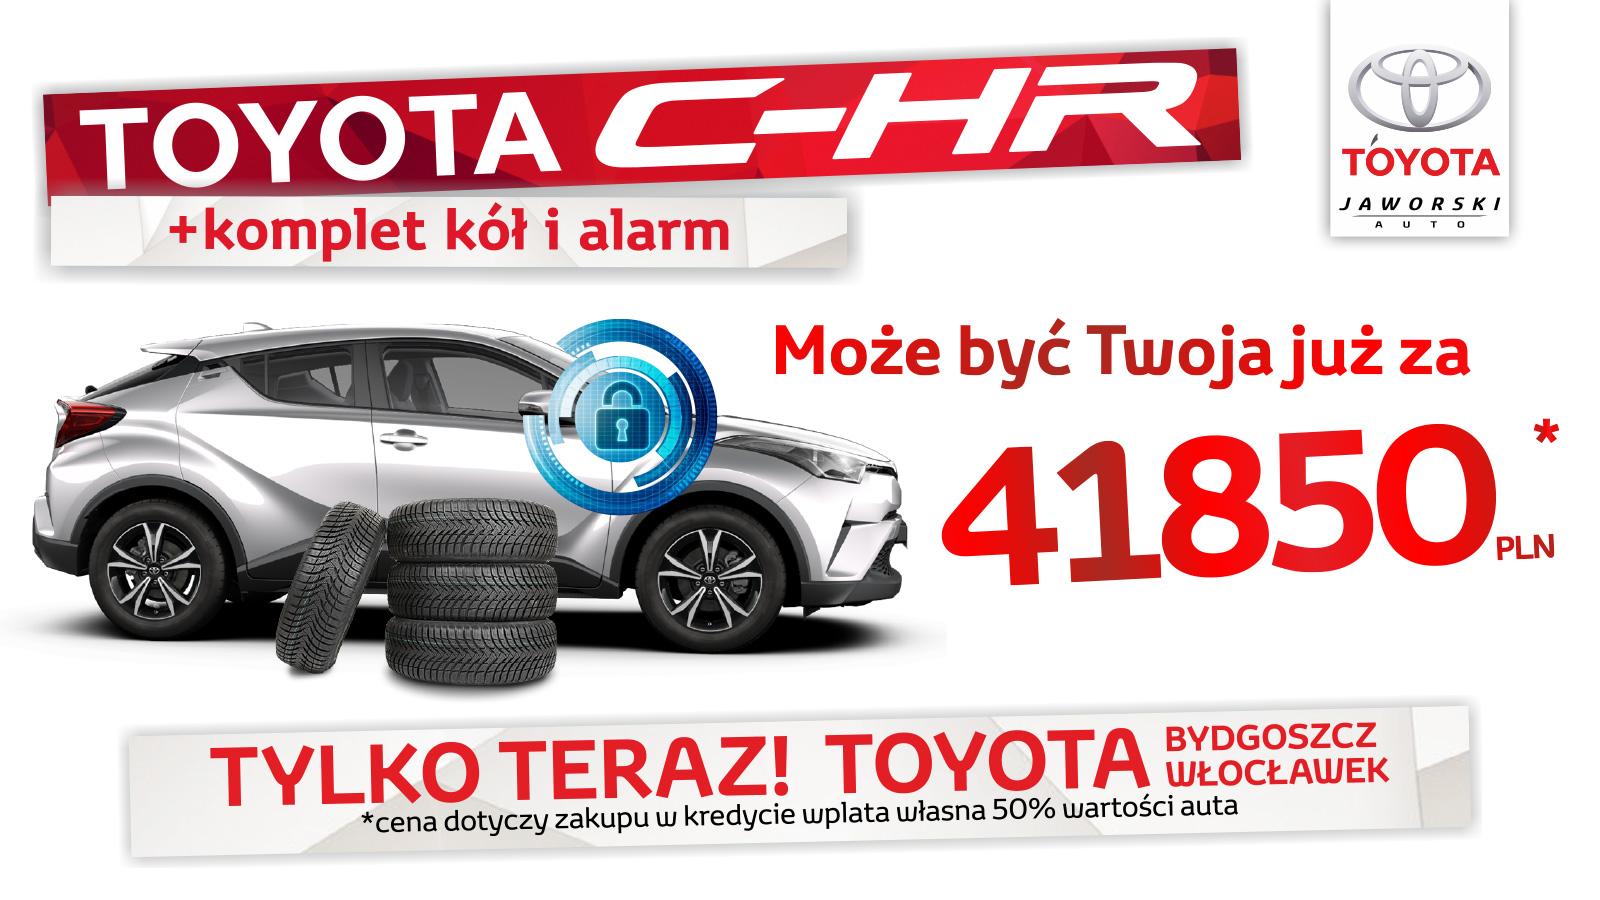 Zupełnie nowe Jaworski Auto - Autoryzowany Salon i Serwis Toyota   Jaworski Auto CD94